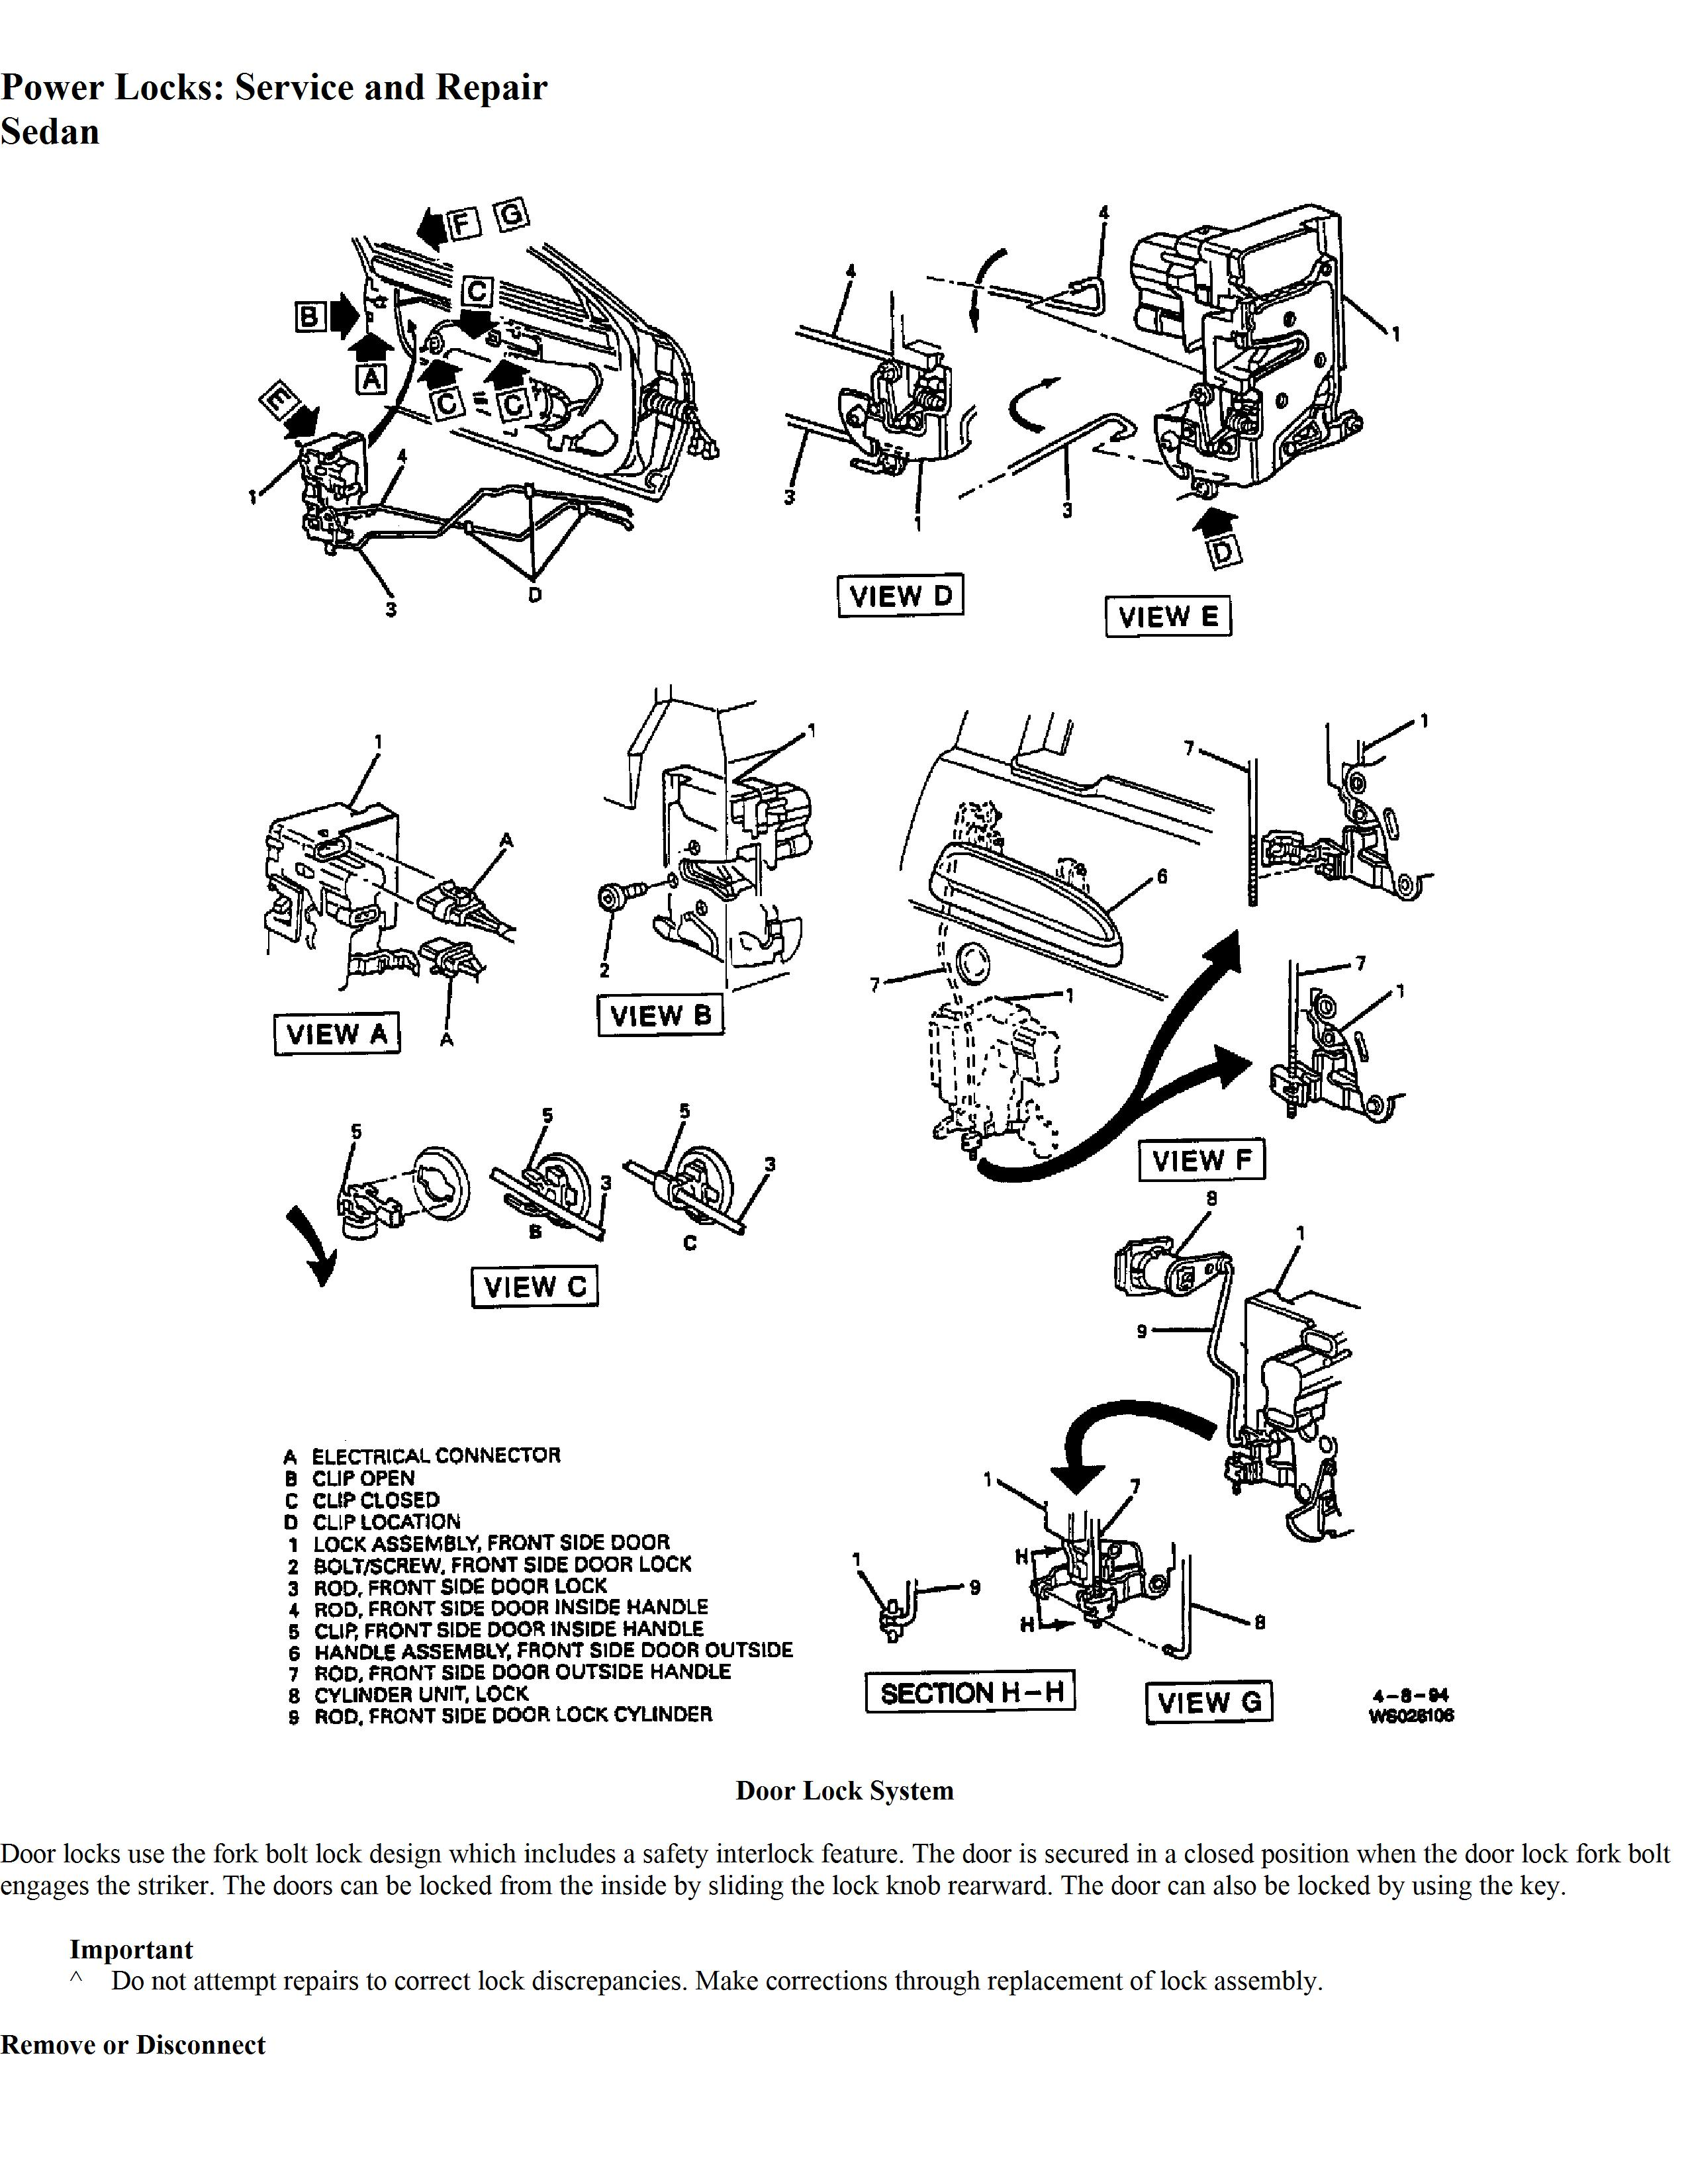 Chevy Lumina Door Lock Wiring Diagram Schematic Diagrams Interlock 4 Doors Free Download For A 96 Under Hood